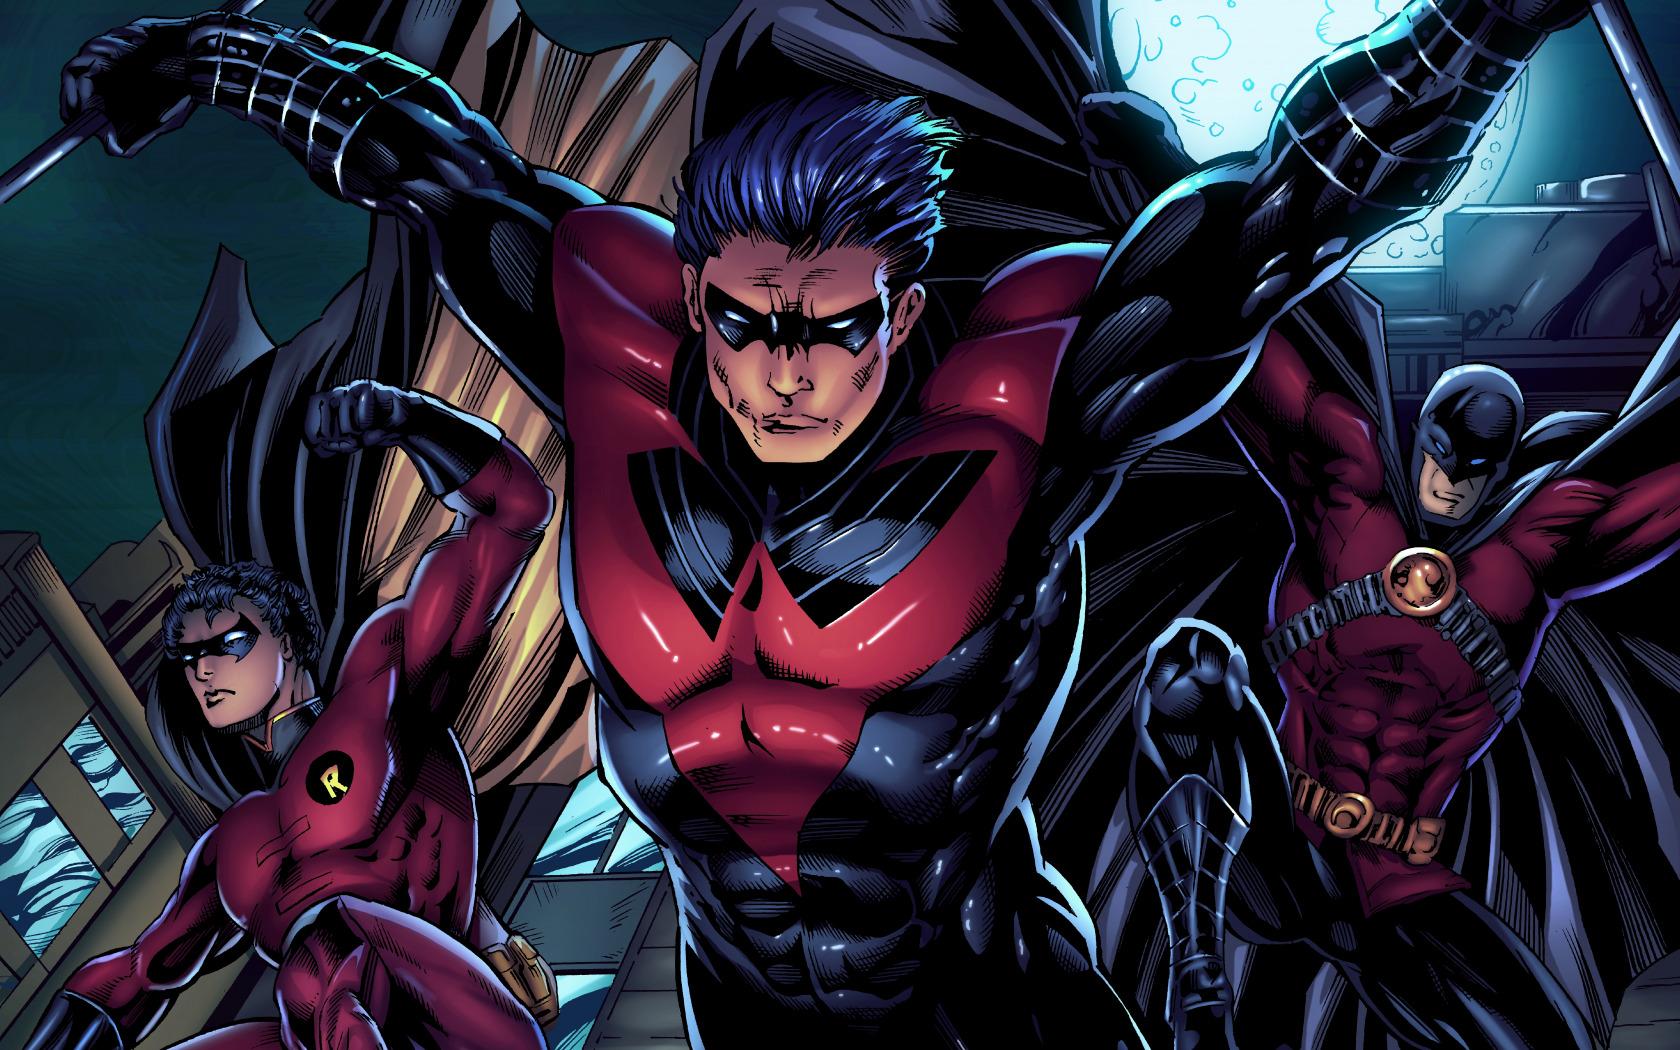 Download Wallpaper Fiction Batman Heroes Art Dc Comics Robin